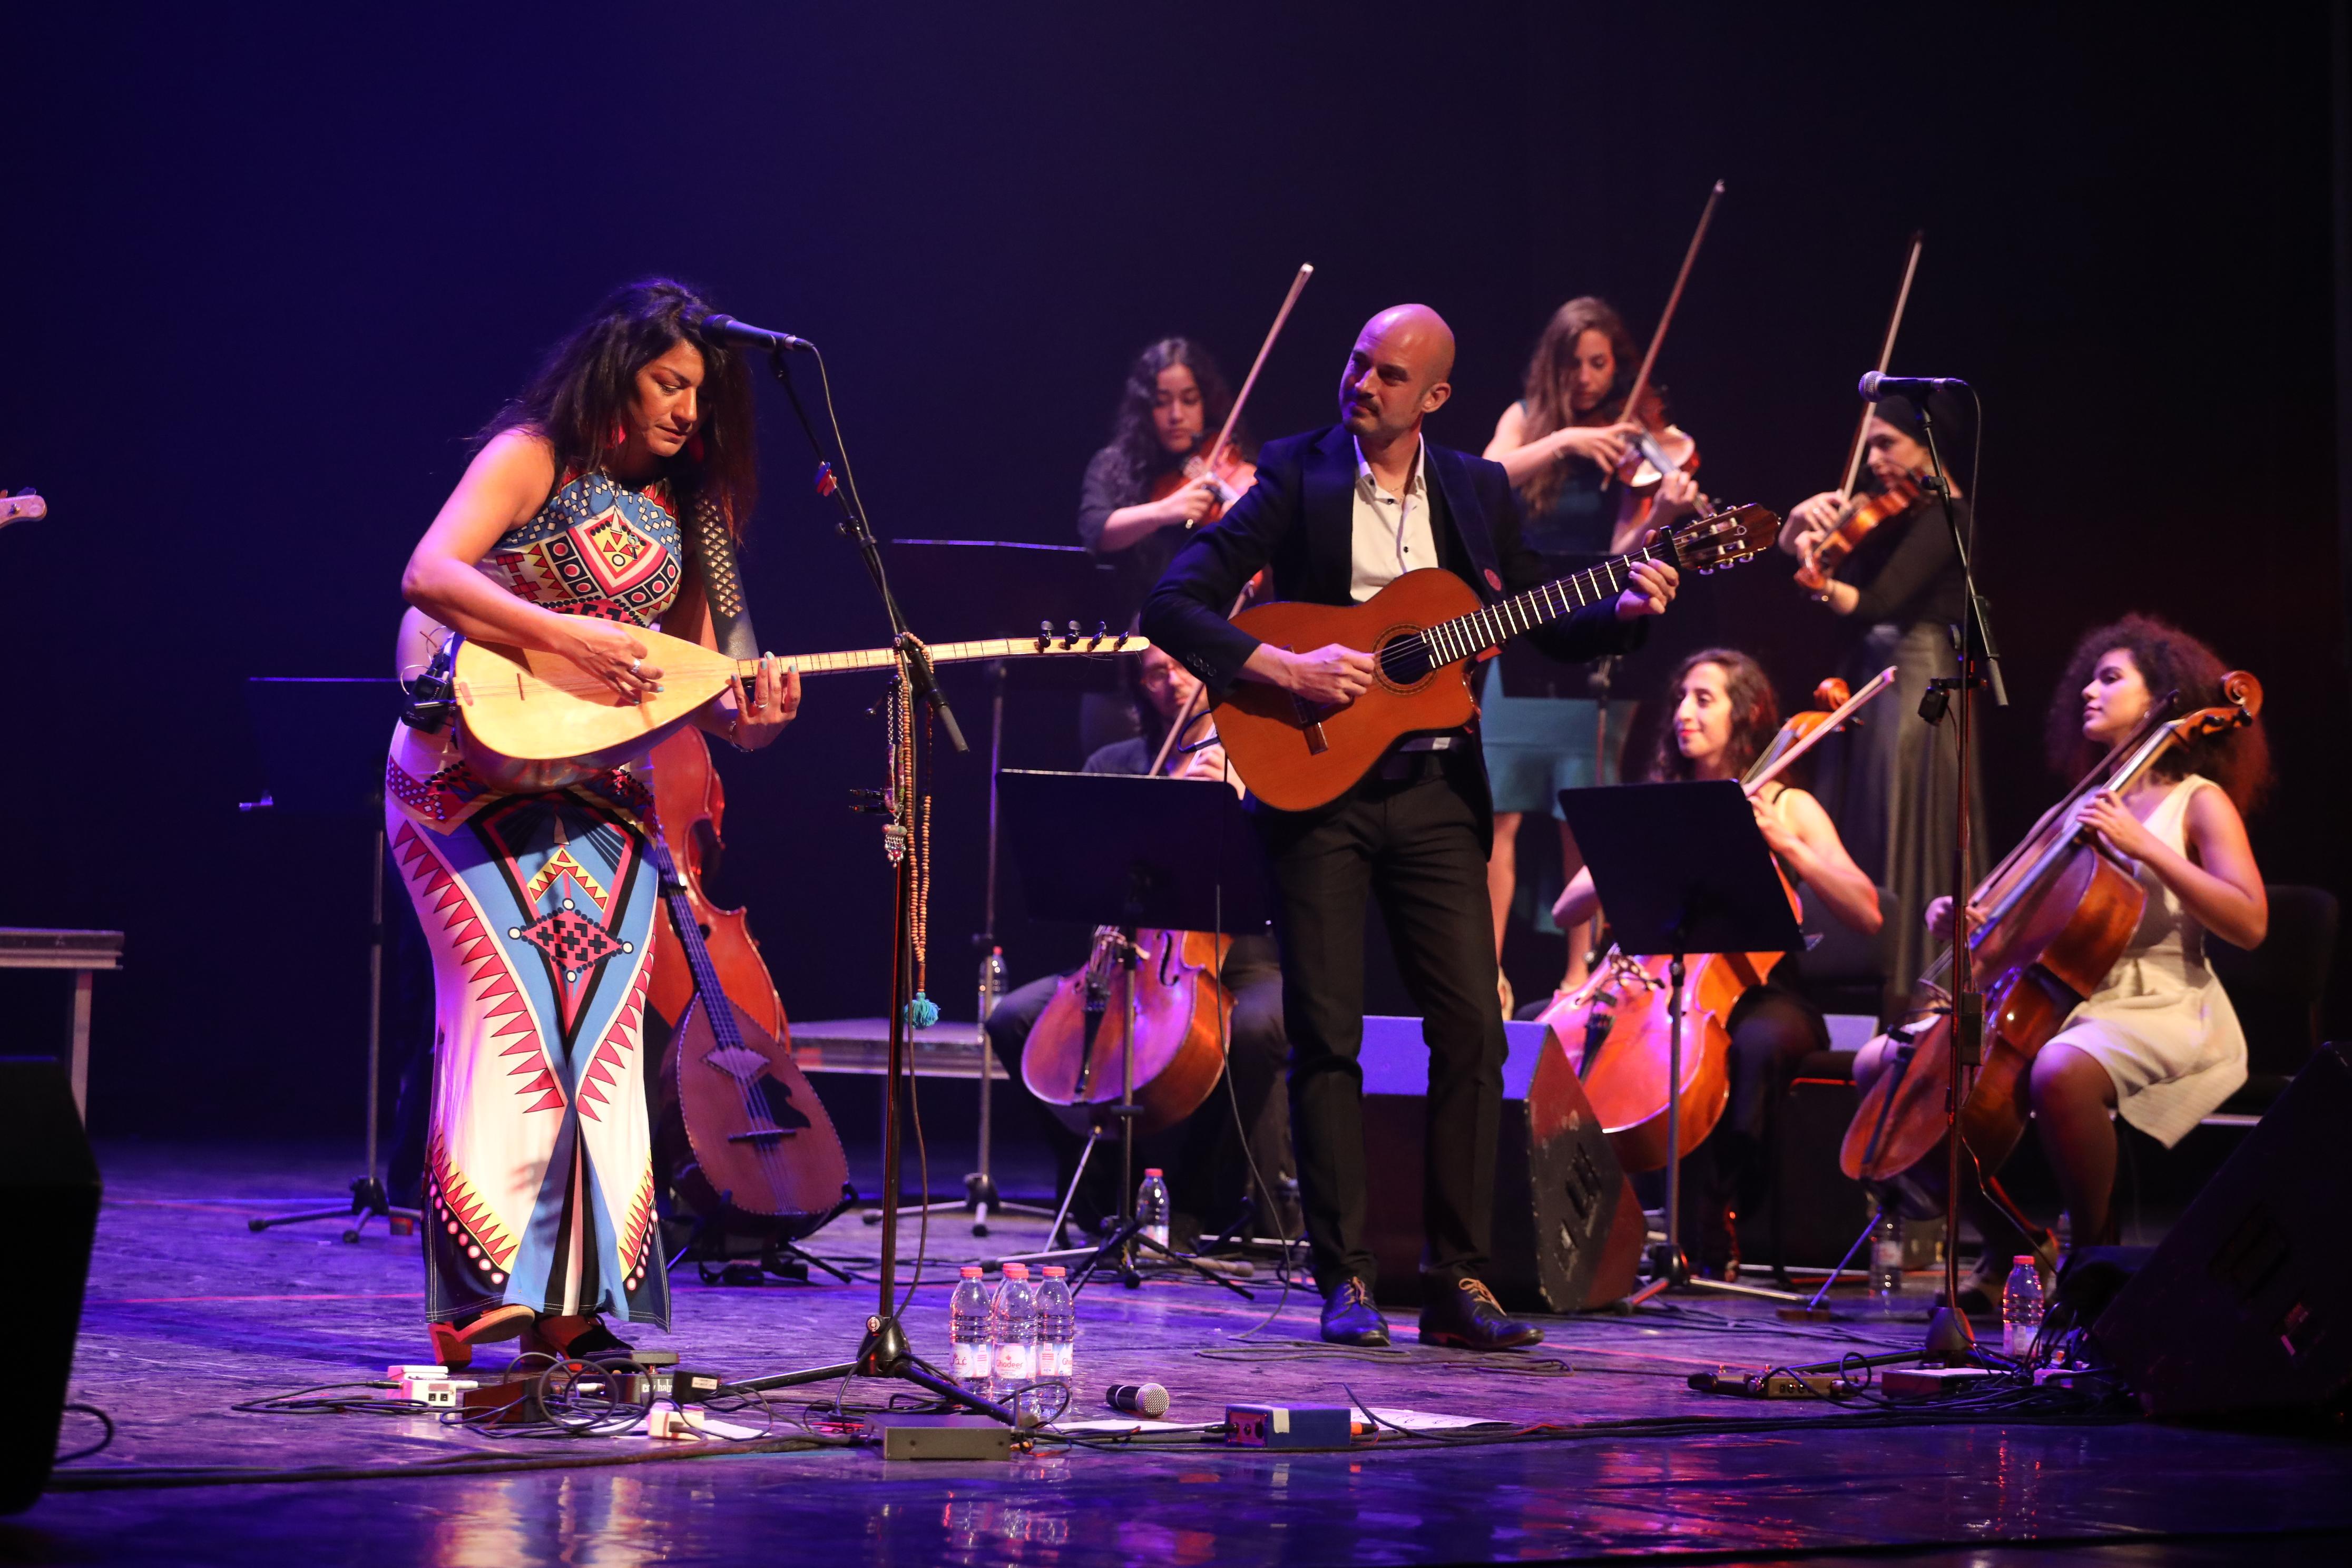 انطلاق مهرجان فلسطين الدولي للرقص والموسيقى في الناصرة والقدس ورام الله